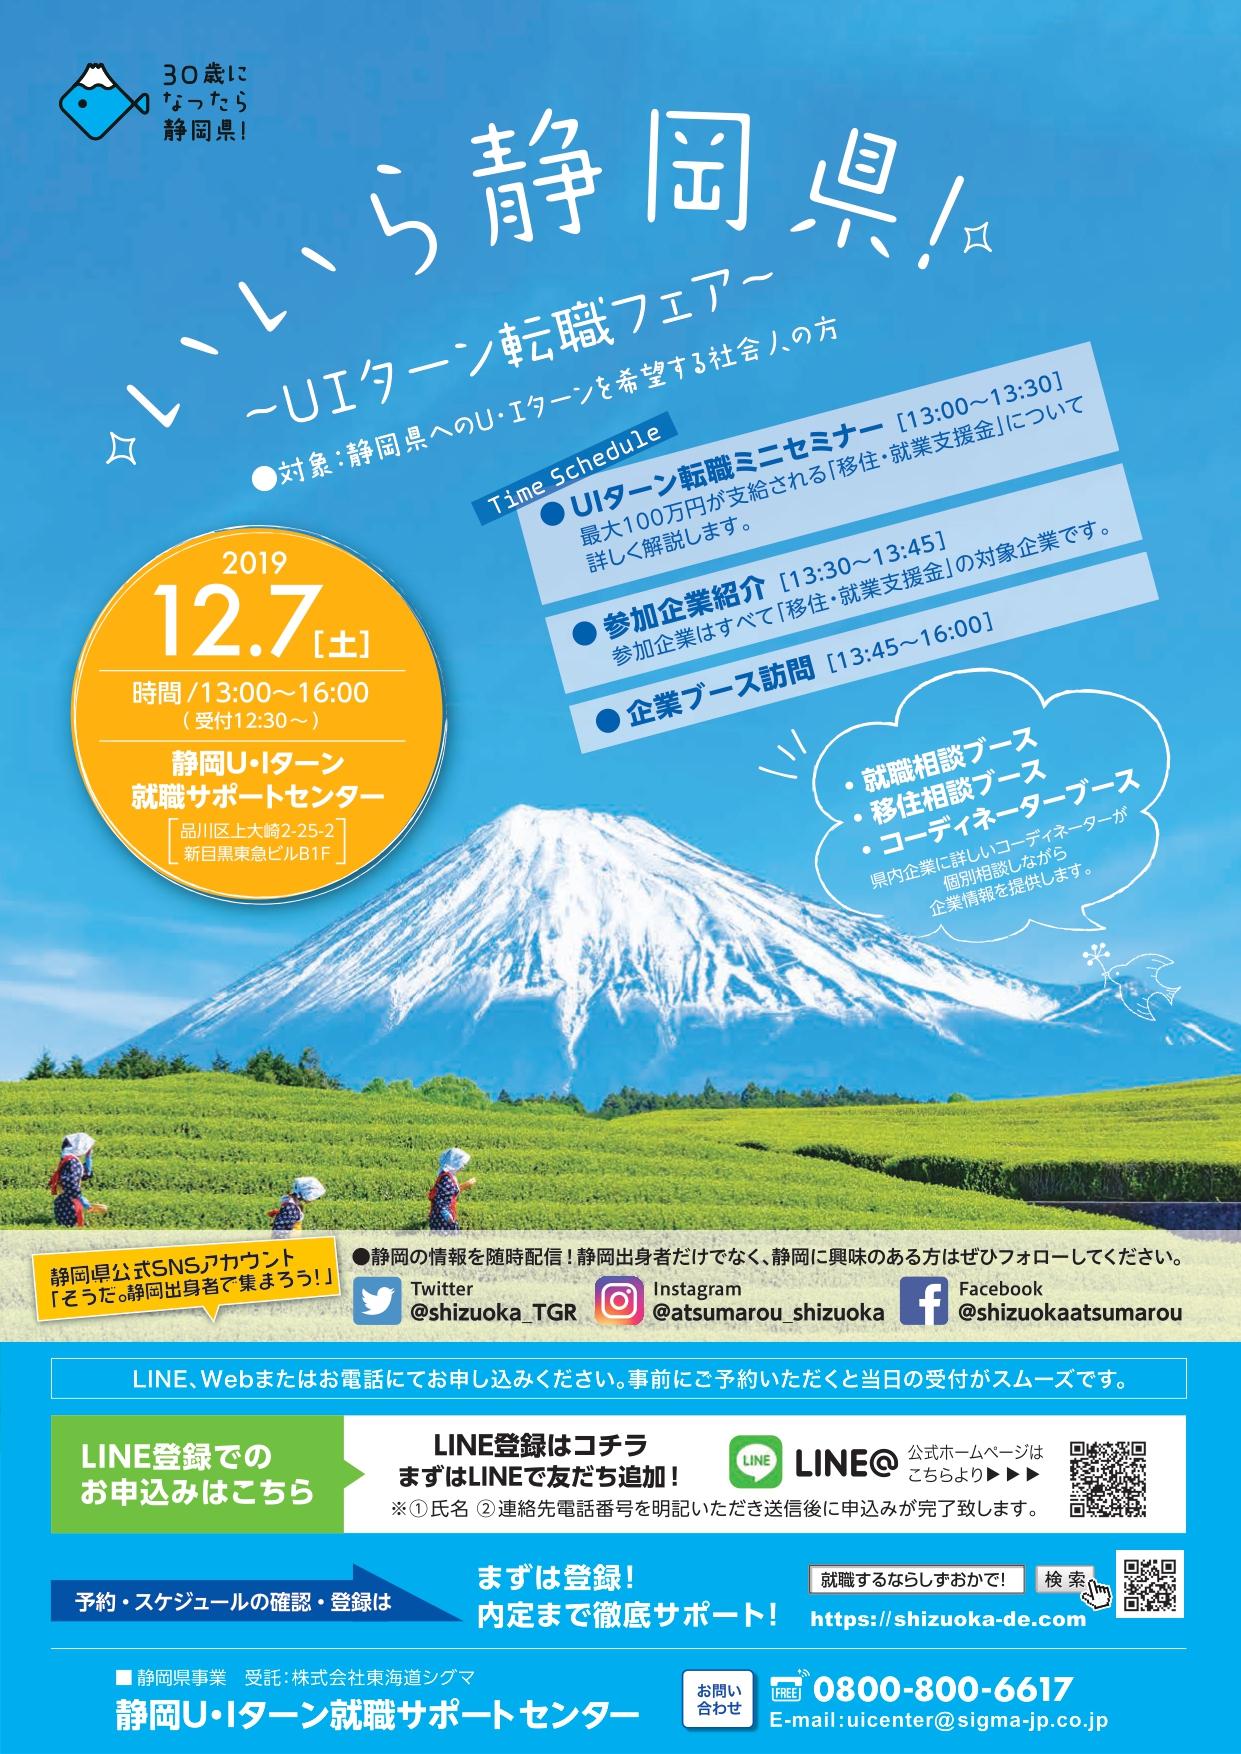 12/7(土)東京目黒で会社説明会を行います